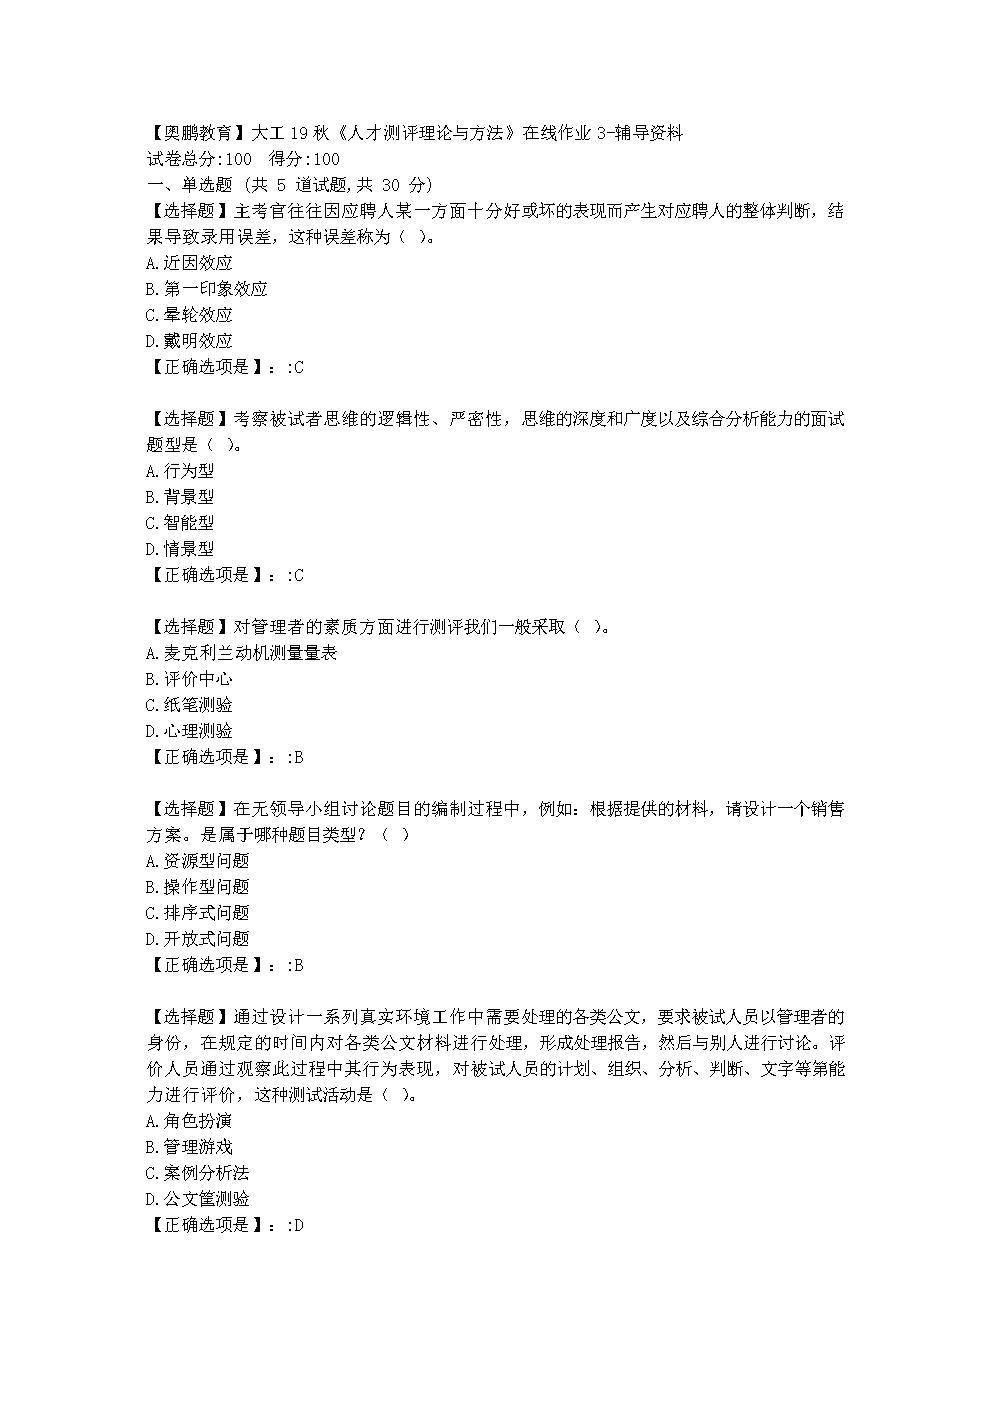 大连理工大学19秋《人才测评理论与方法》在线作业3学习资料.doc